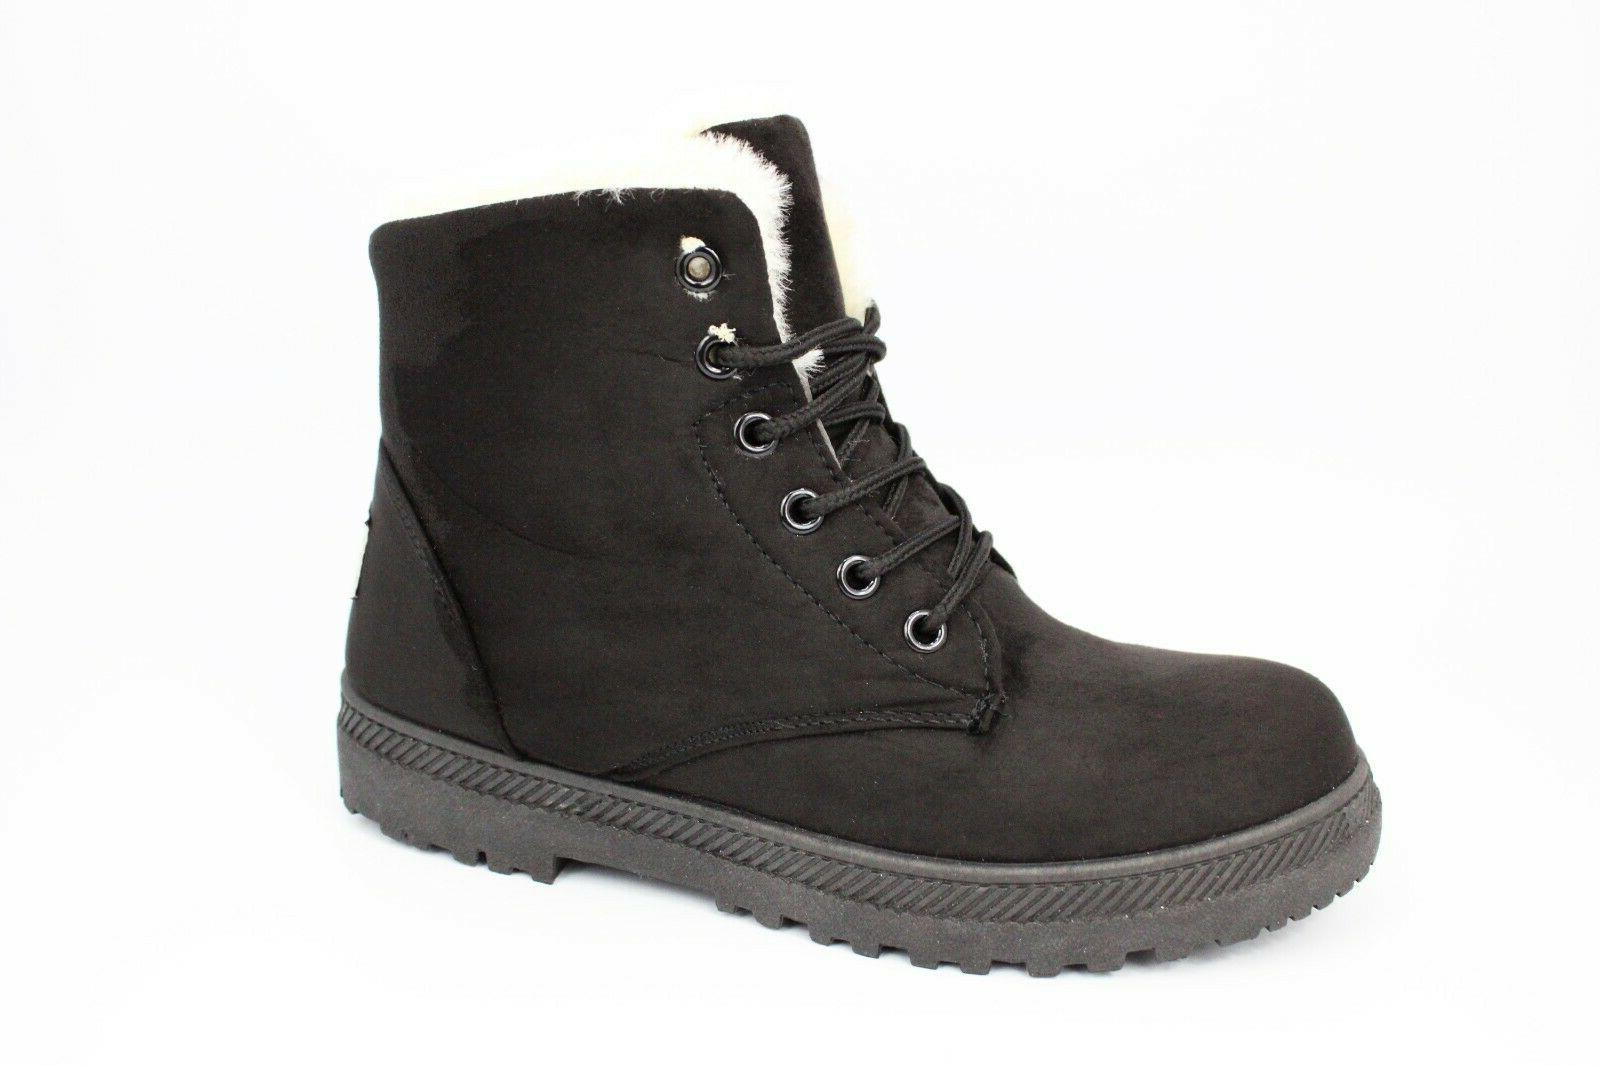 NOT100 Waterproof Boots Booties, Black, US